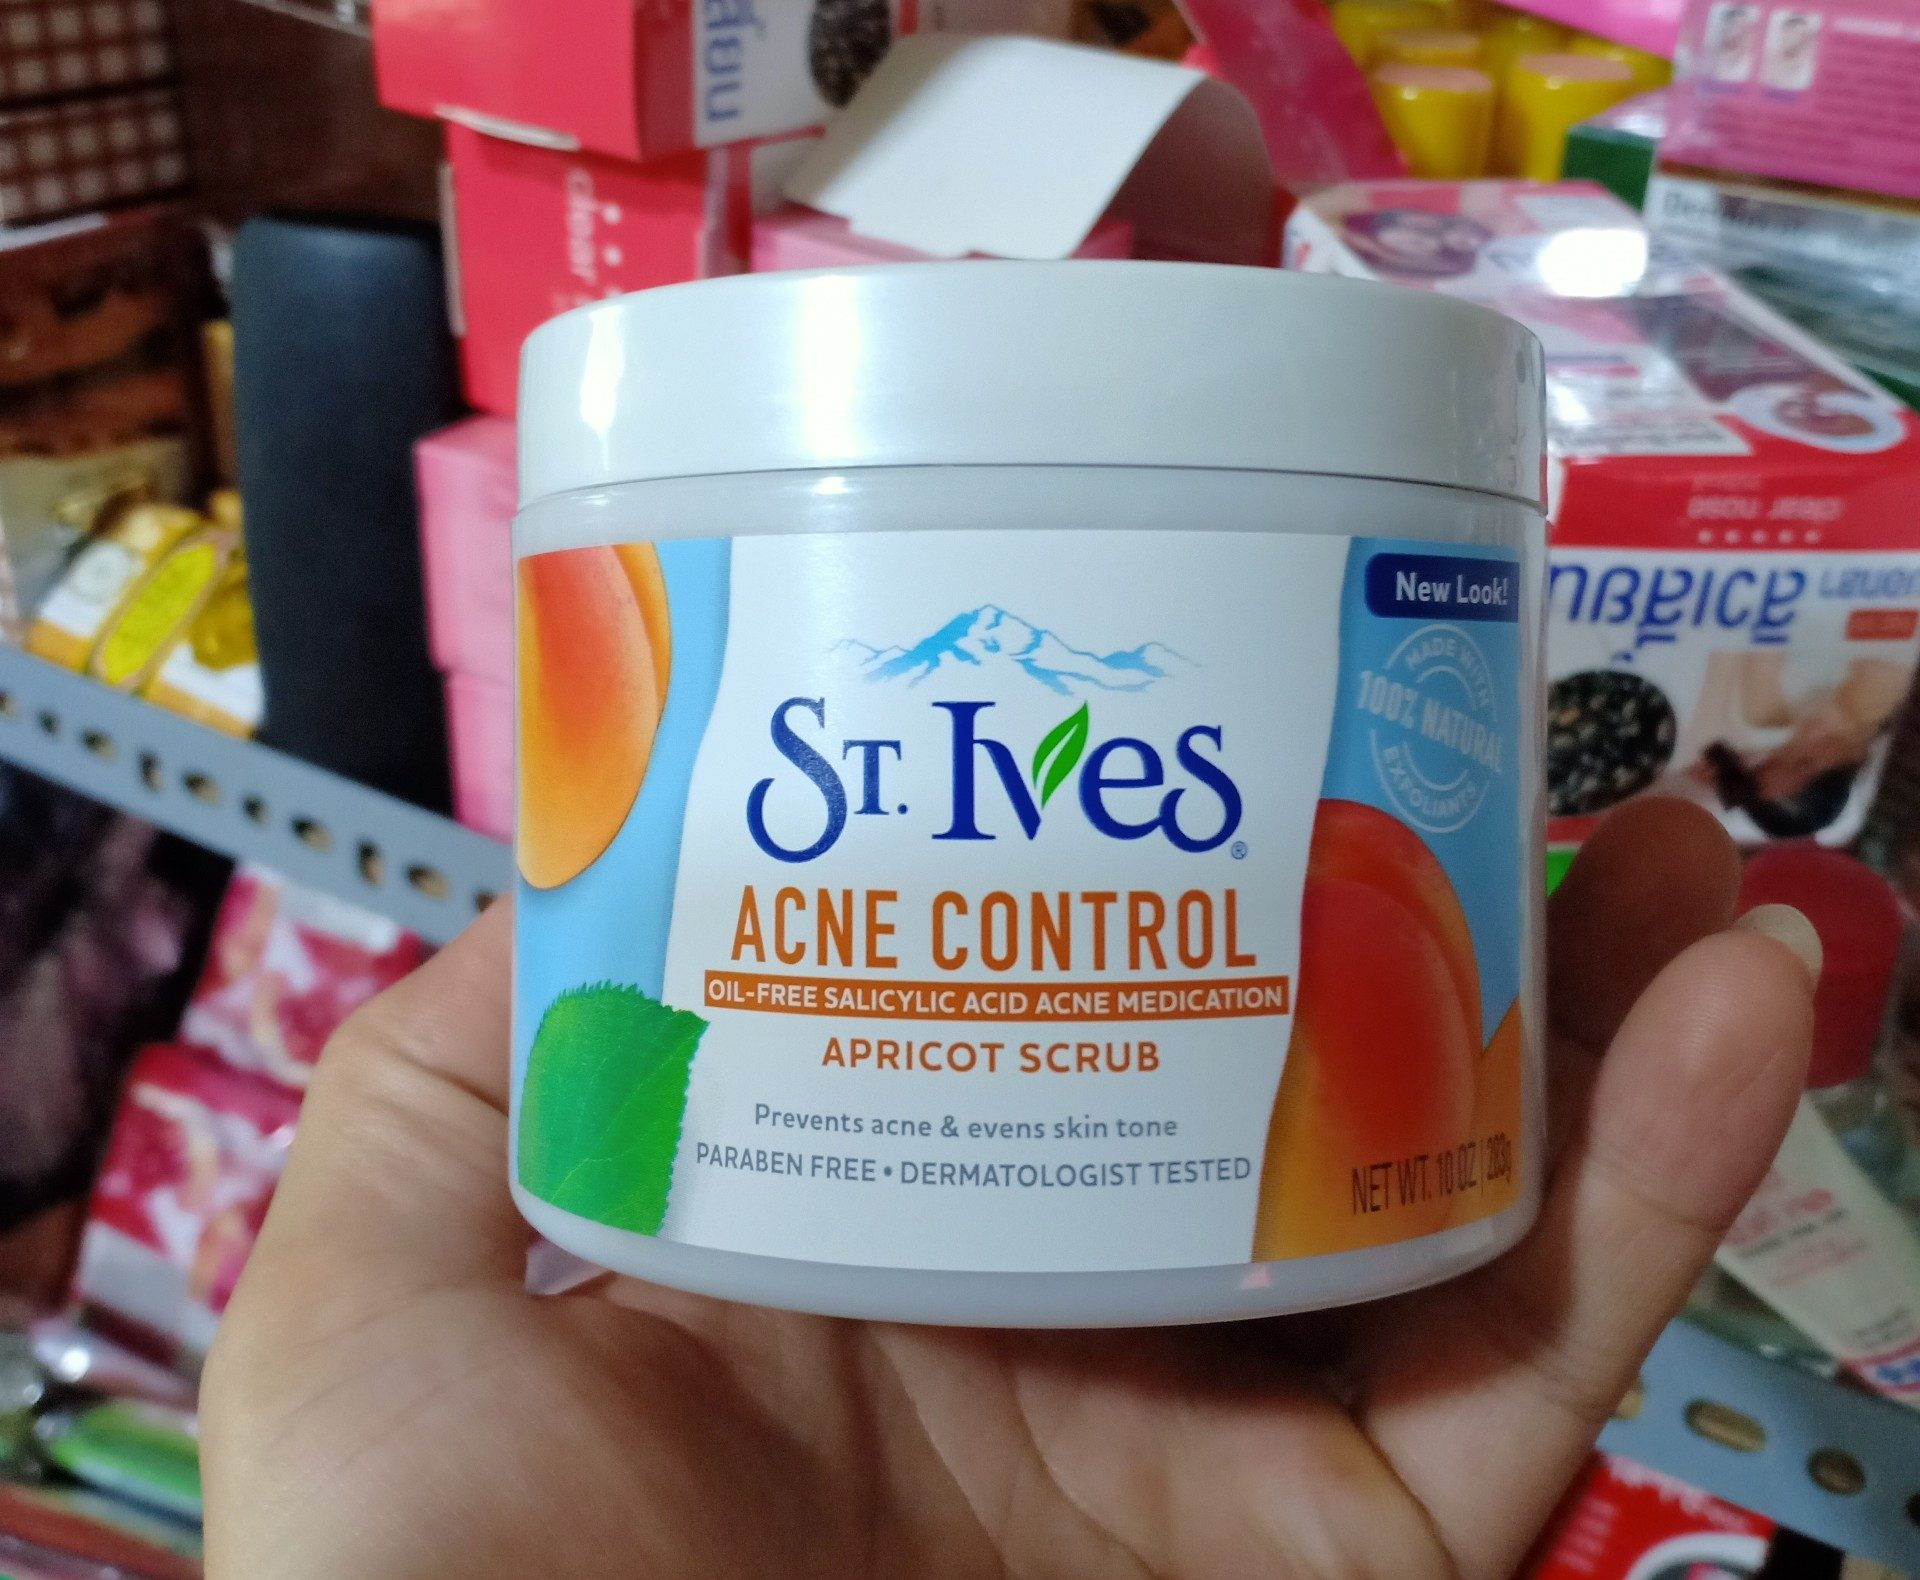 tẩy tế bào chết St.Ives